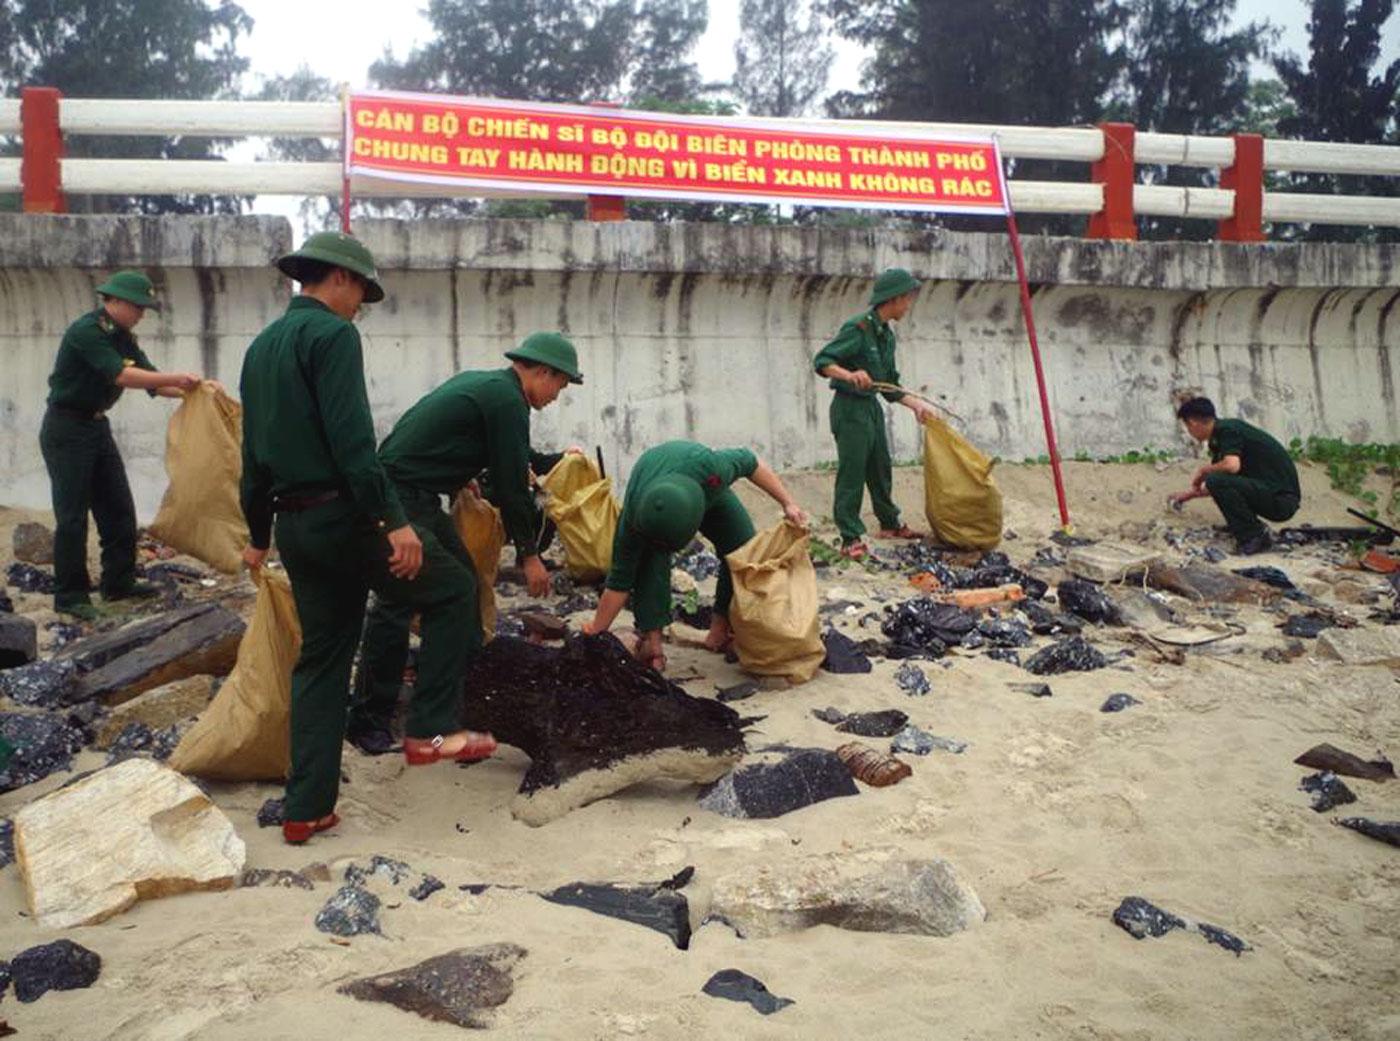 Đoàn Thanh niên Bộ đội biên phòng Đà Nẵng ra quân làm sạch biển